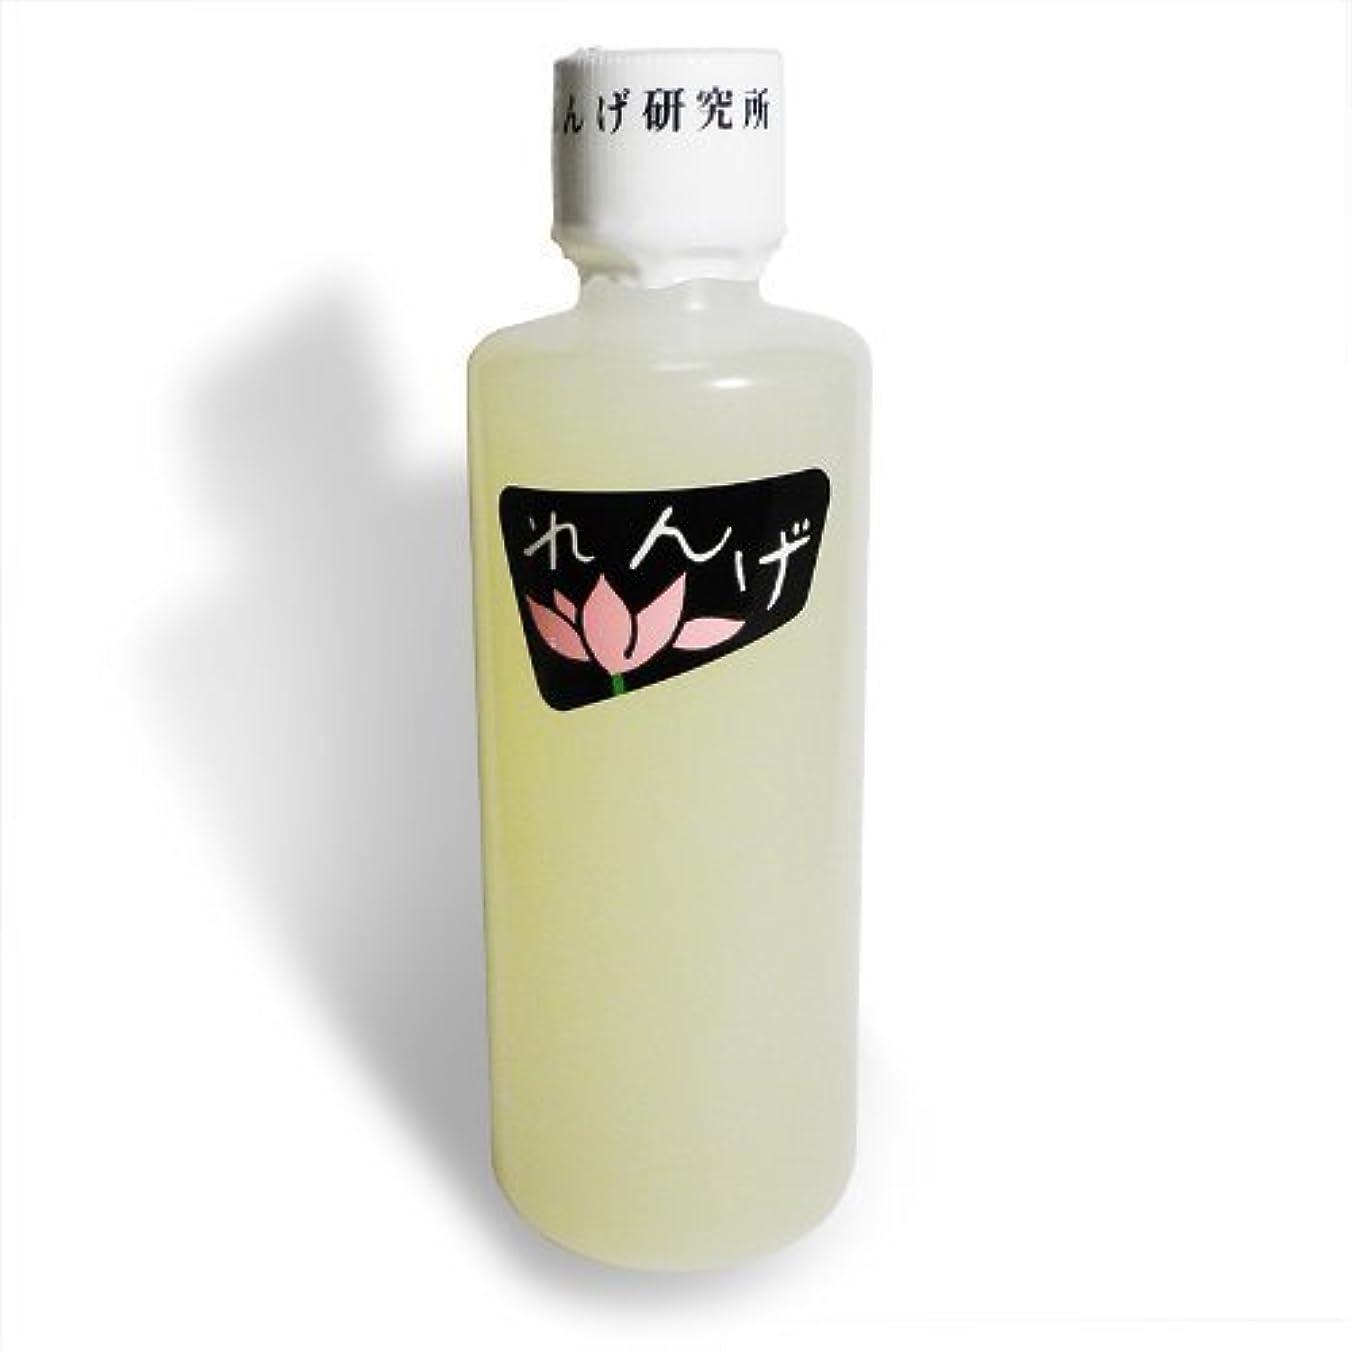 保証する視聴者記者れんげ研究所 れんげ化粧水 140cc×10本